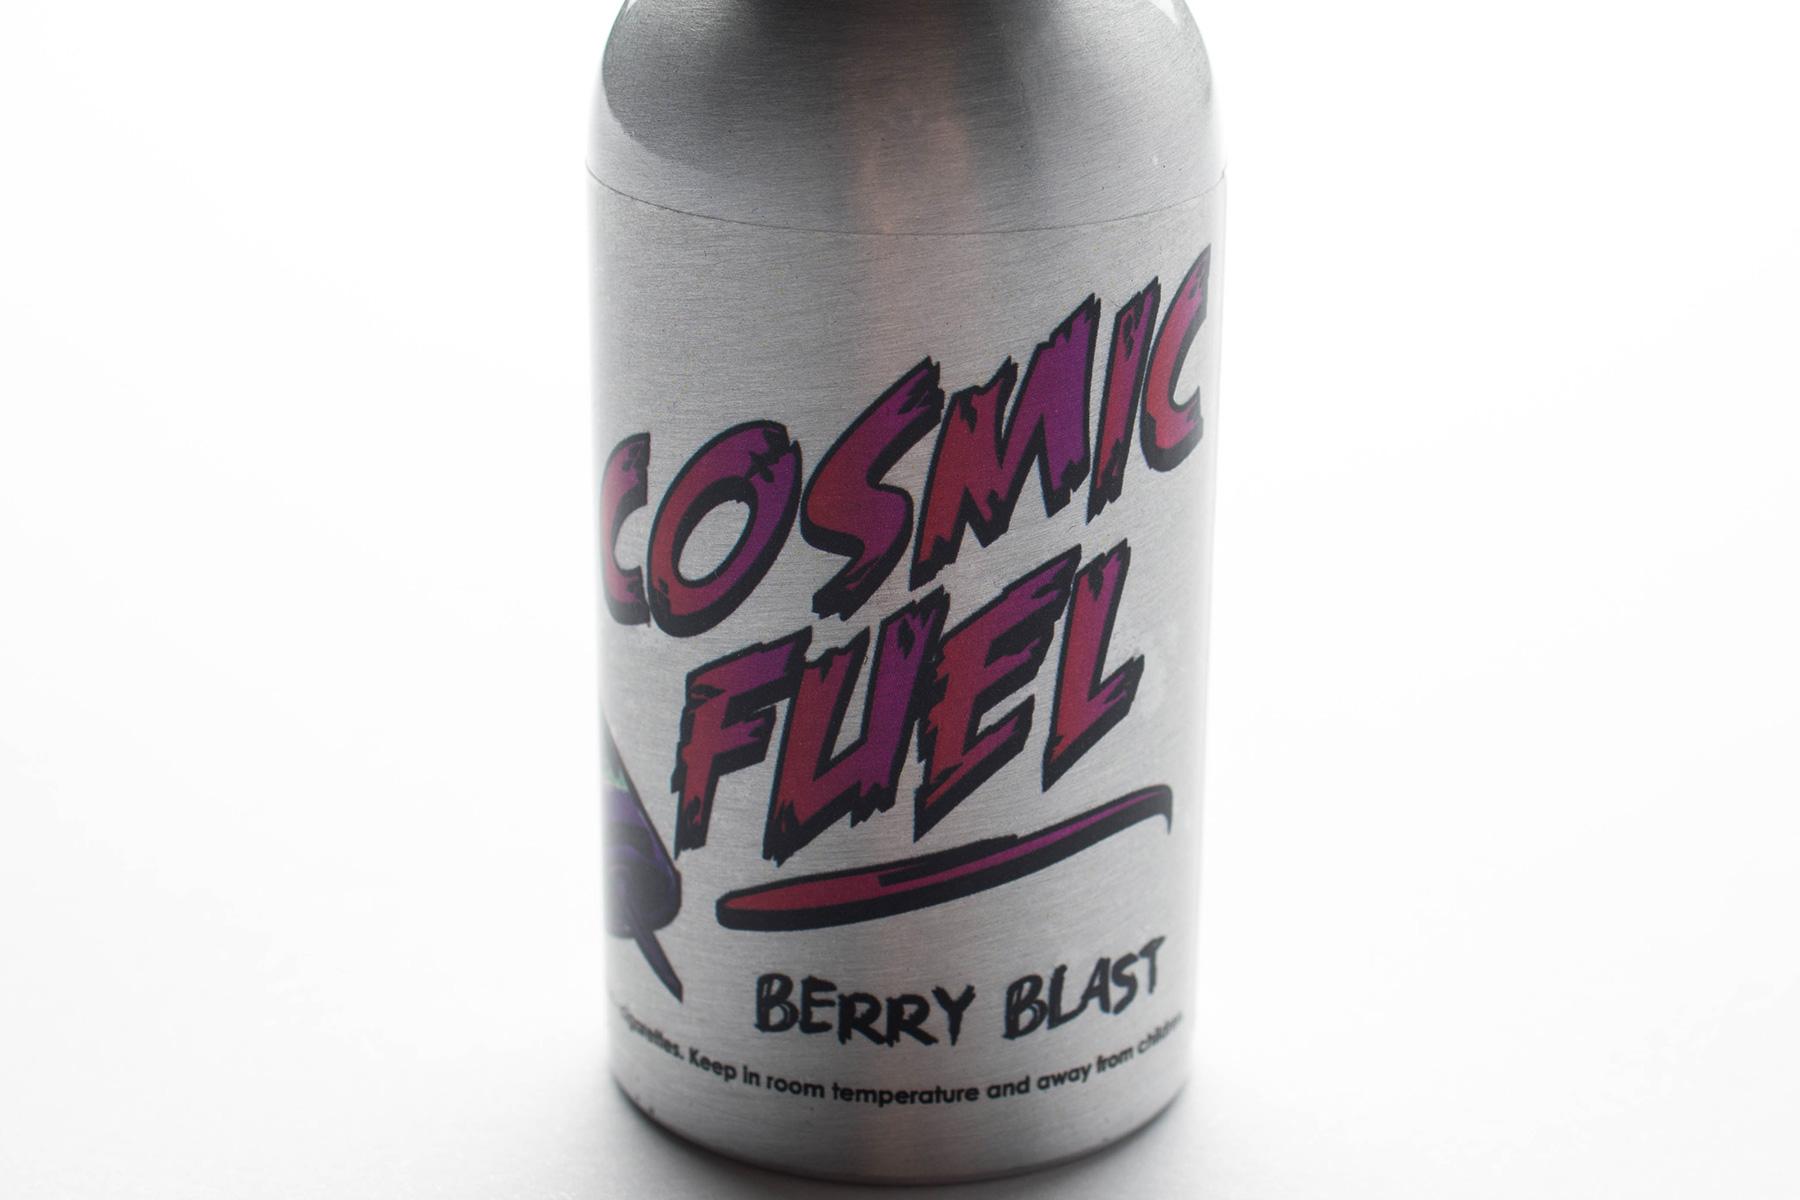 【リキッド】BERRY BLAST「ベリーブラスト」 (COSMIC FUEL コスミックフューエル) レビュー